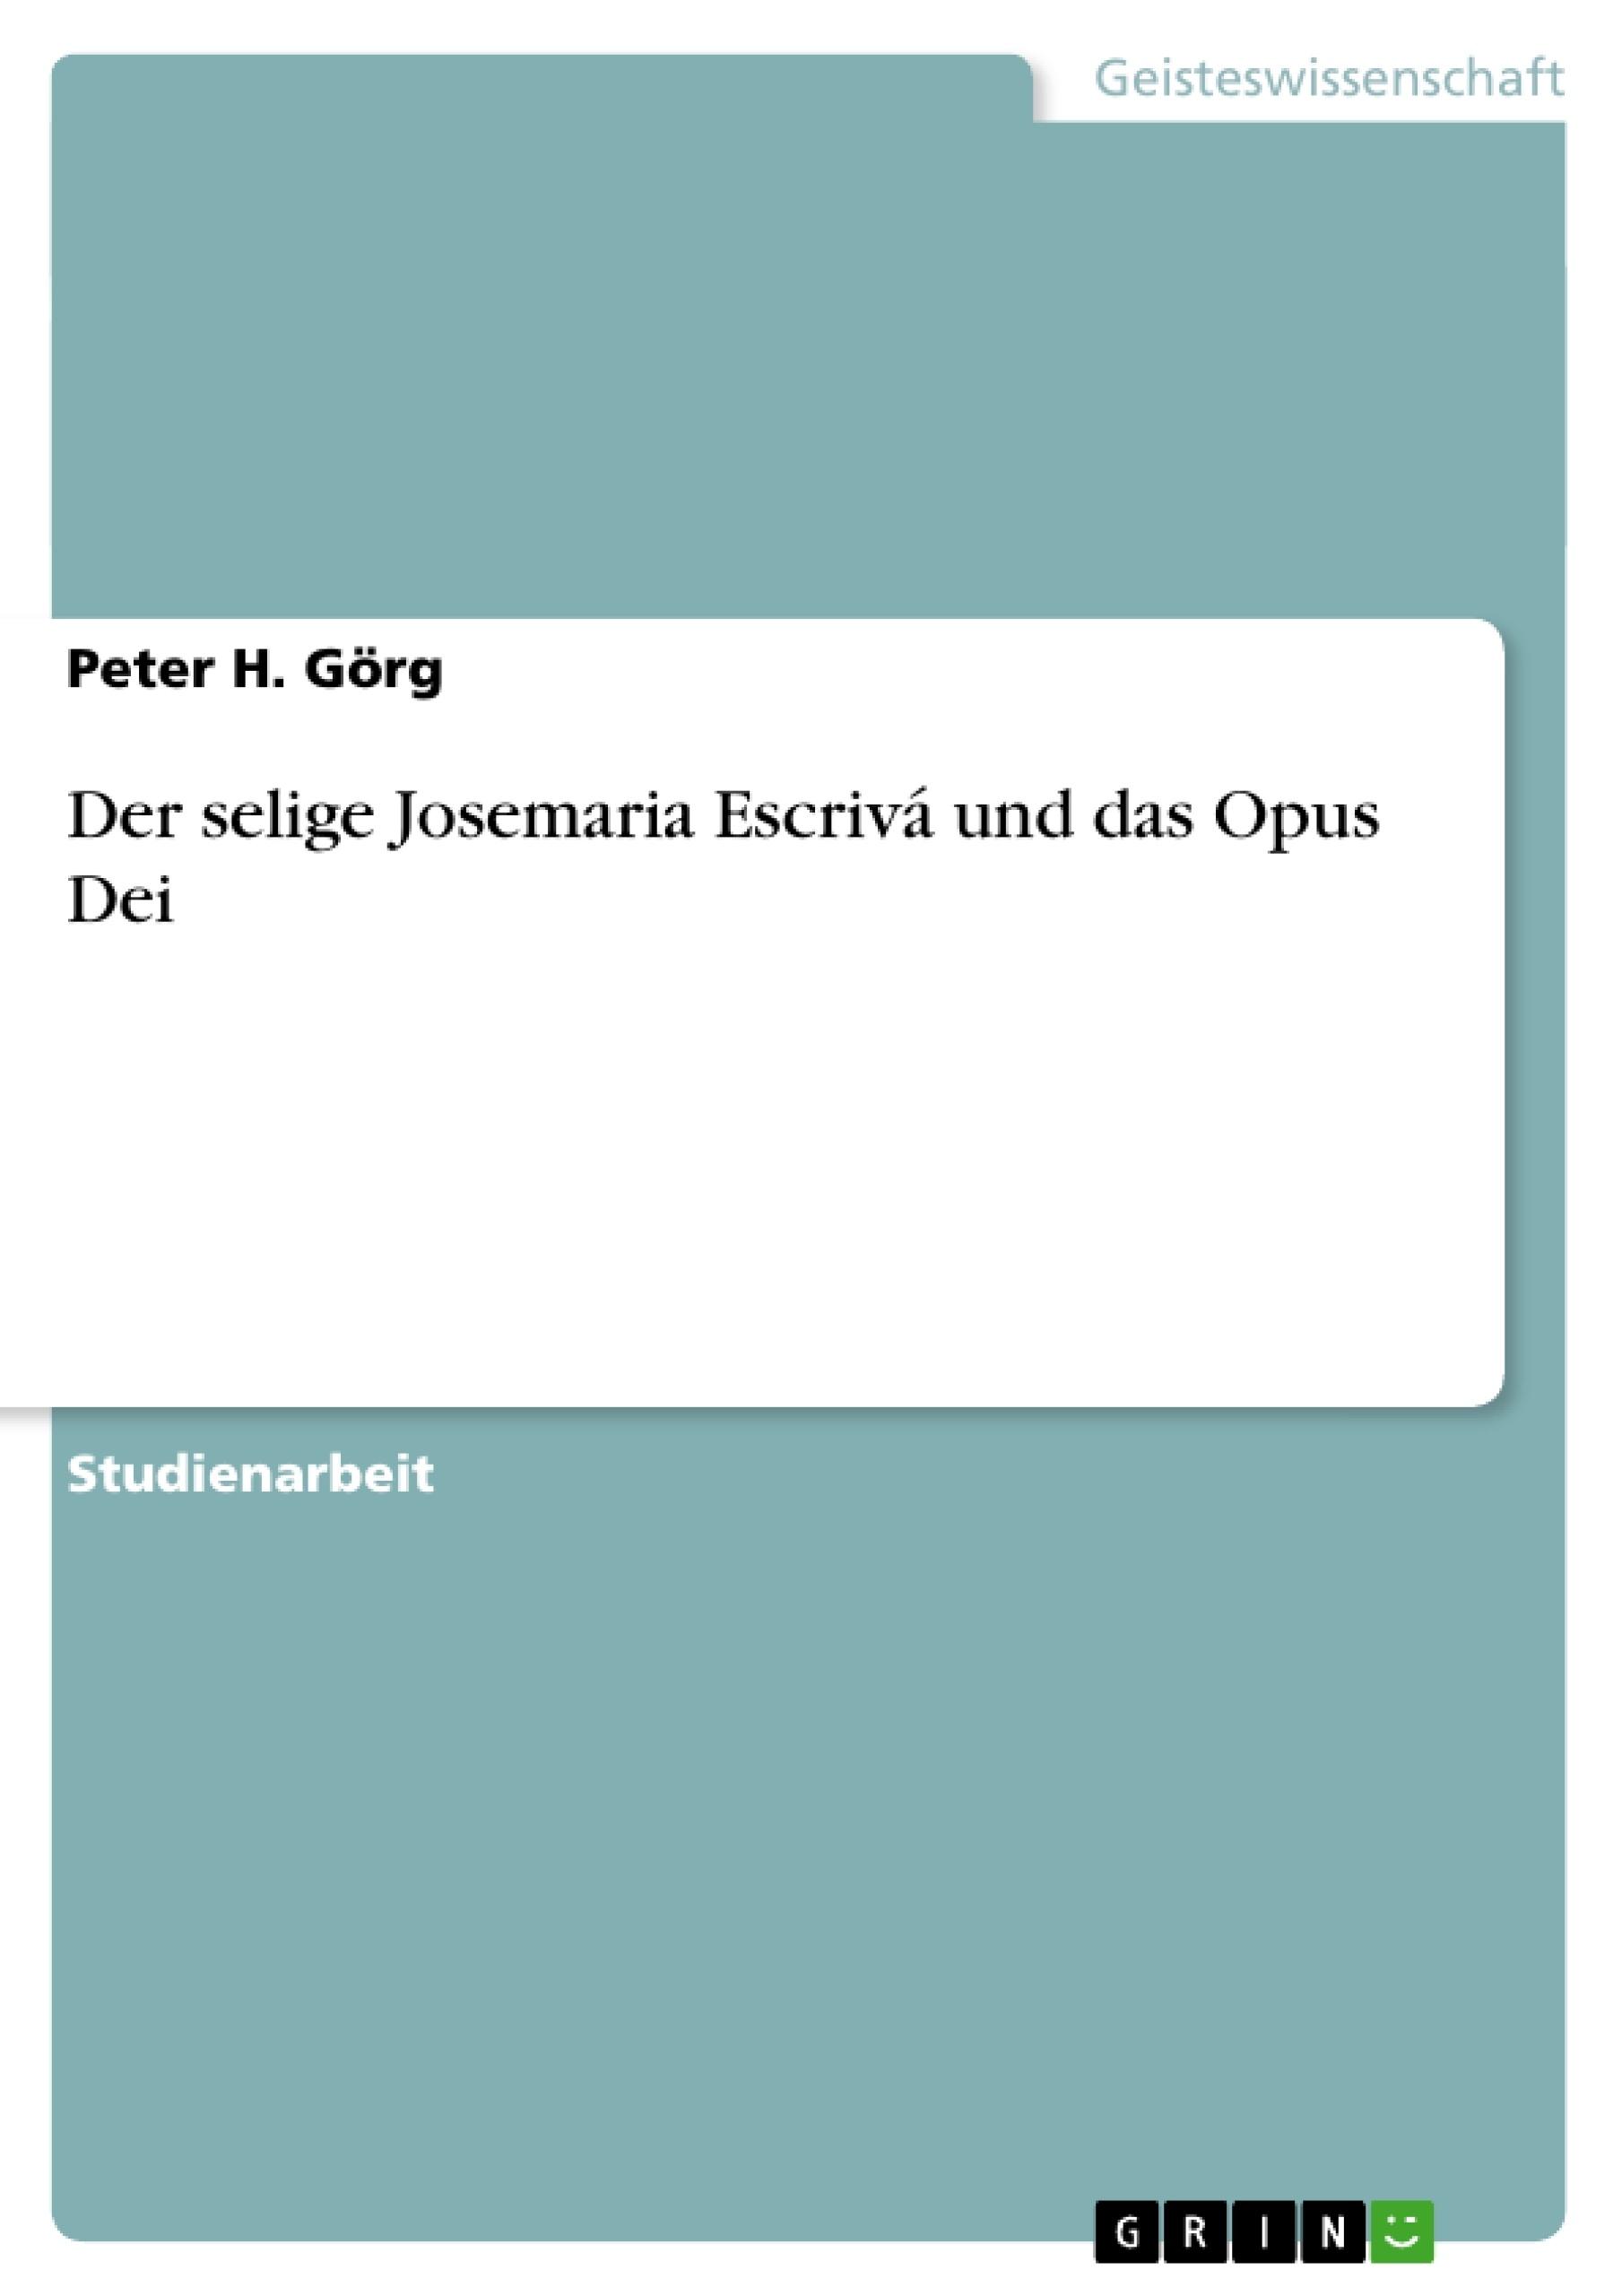 Titel: Der selige Josemaria Escrivá und das Opus Dei